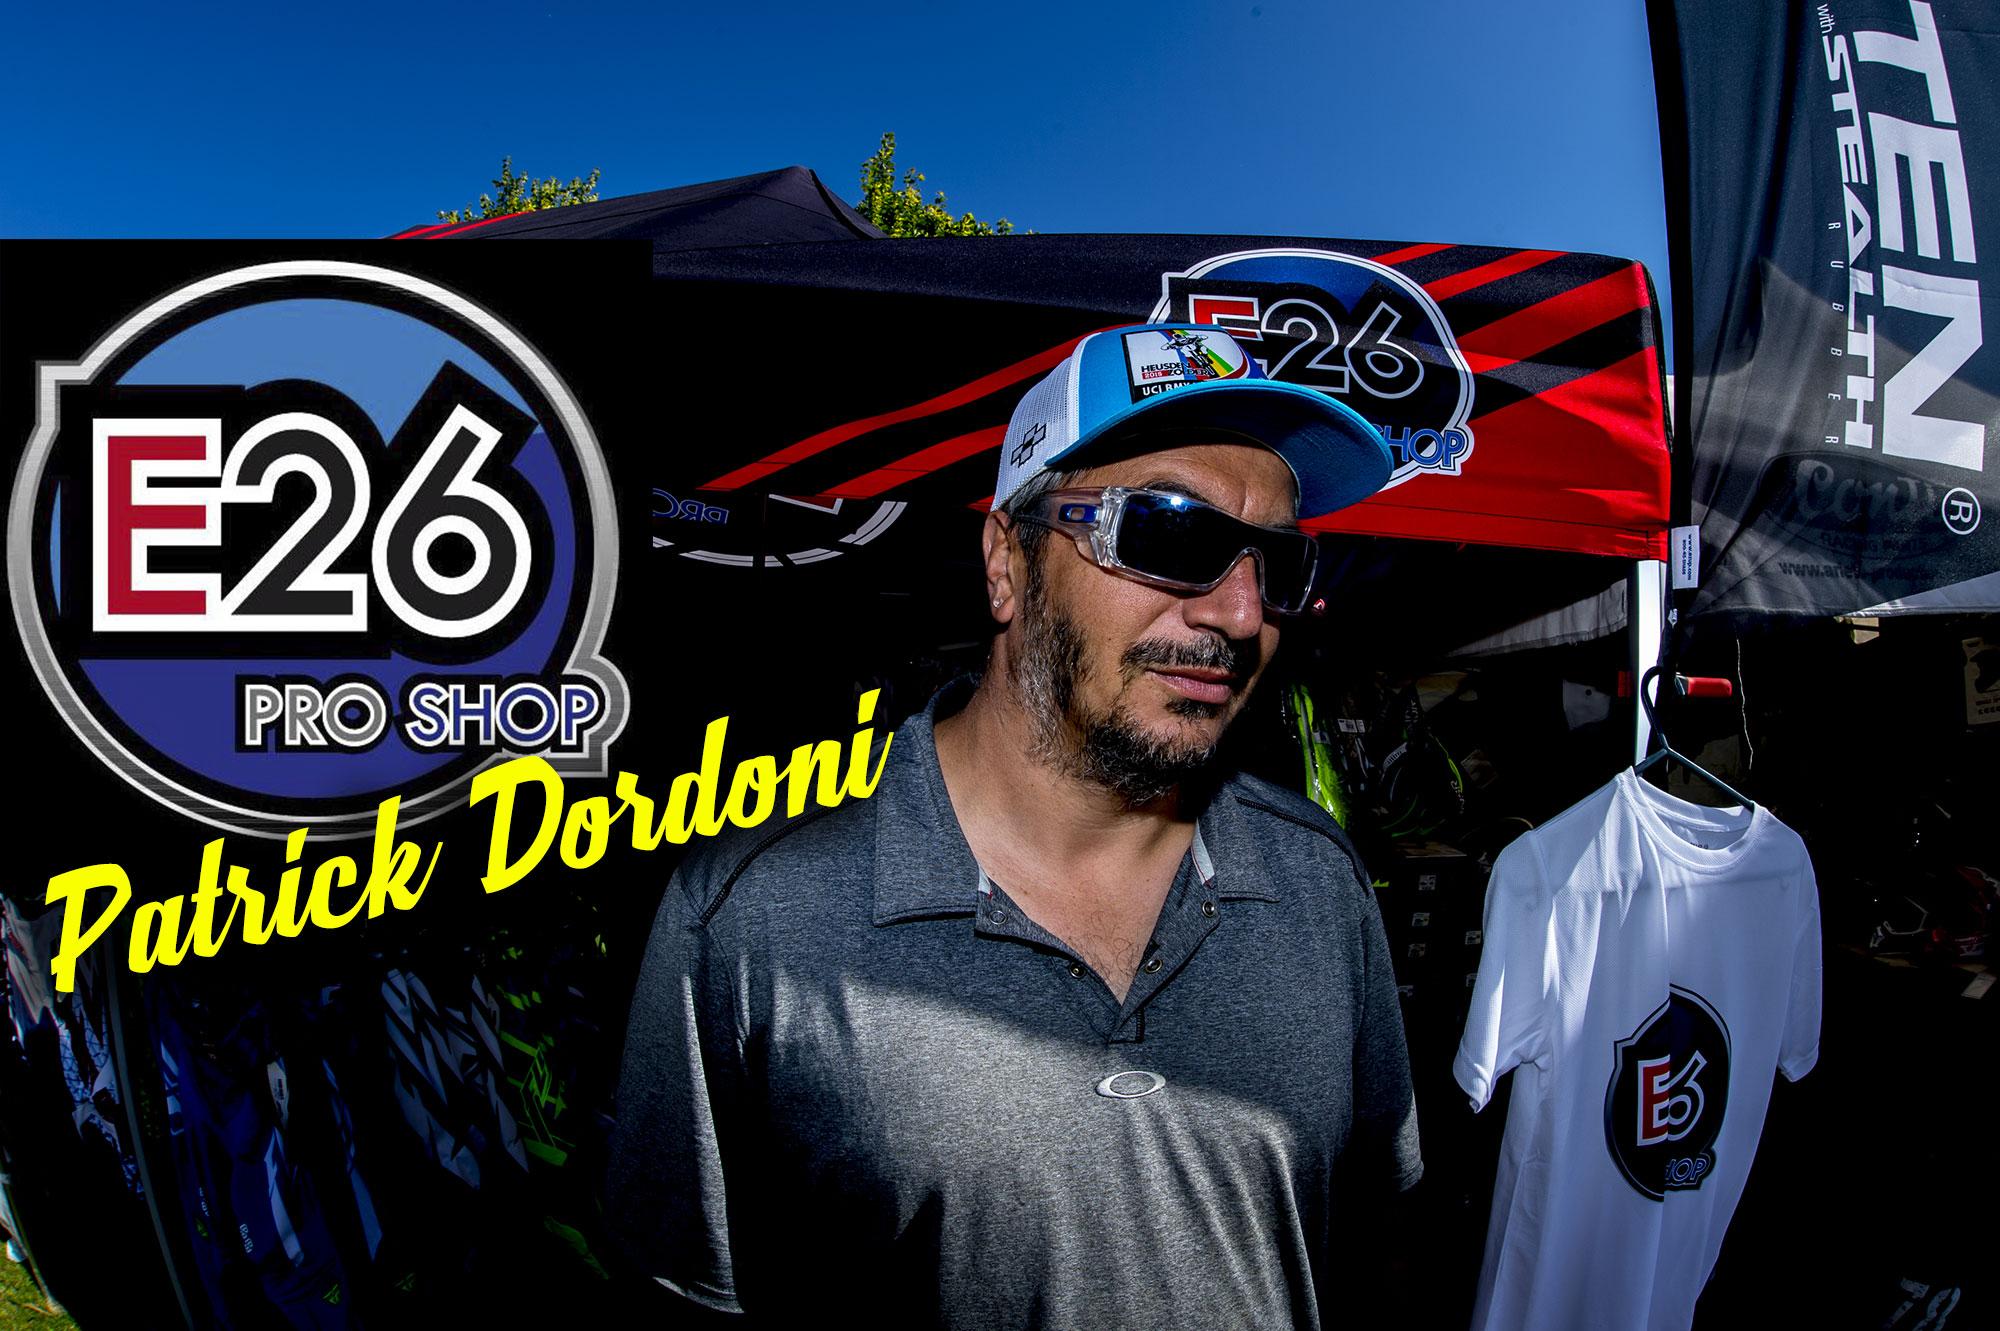 ITW Patrick DORDONI / E26PROSHOP